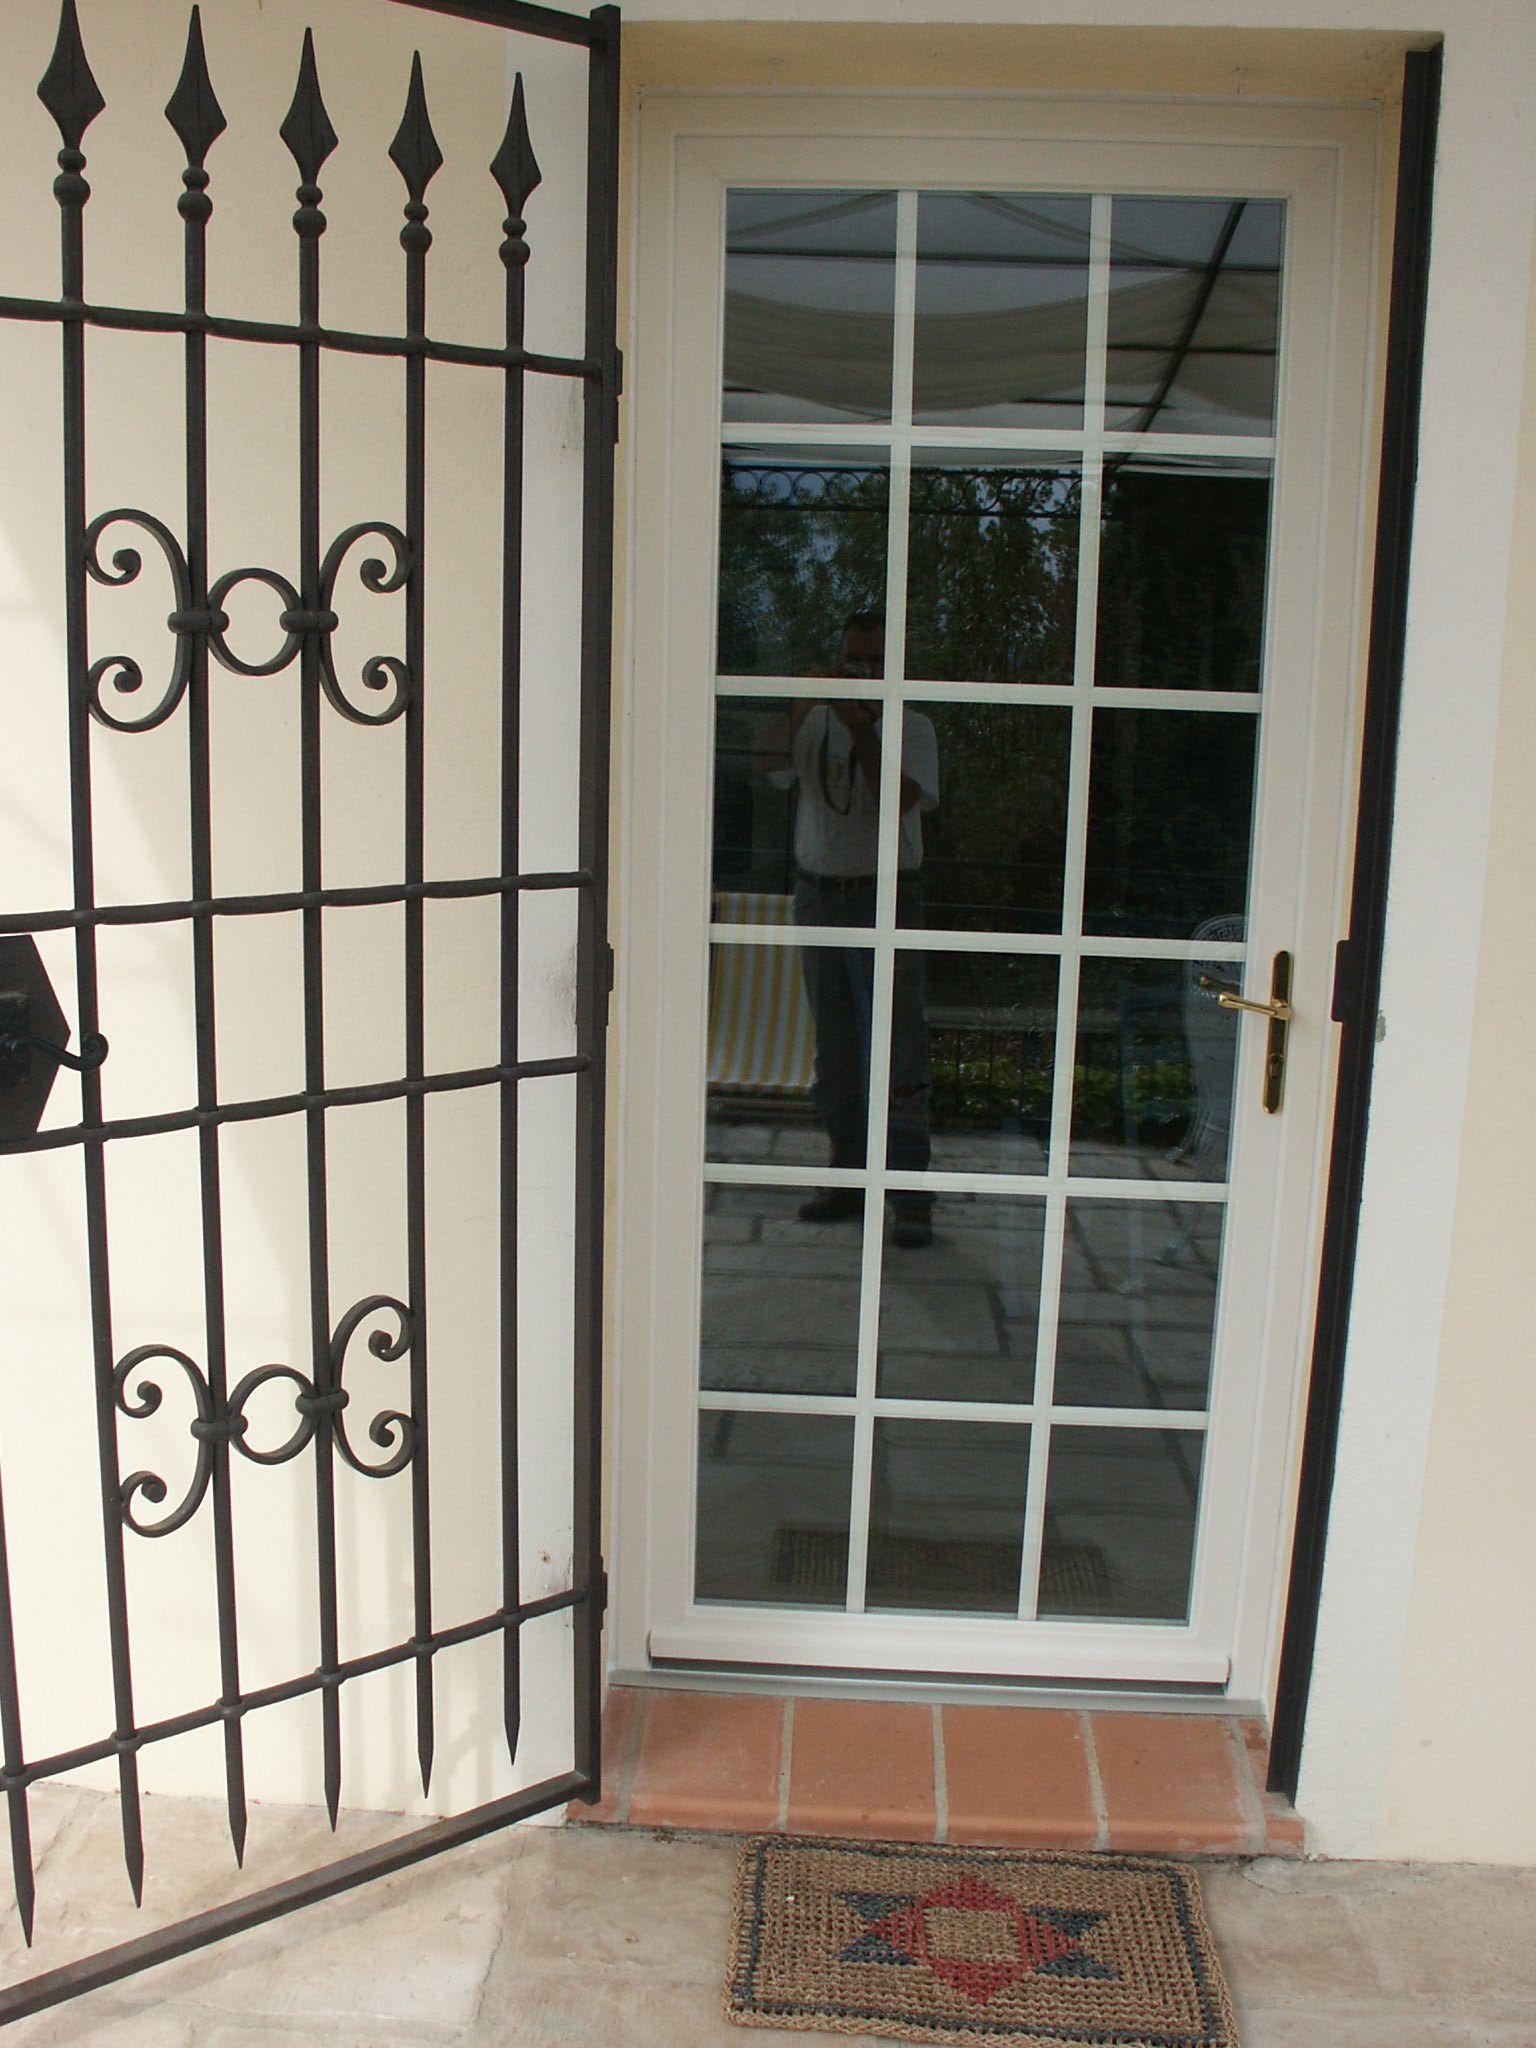 fenetre bois petit carreaux with fenetre bois petit carreaux comment poser des portes de. Black Bedroom Furniture Sets. Home Design Ideas